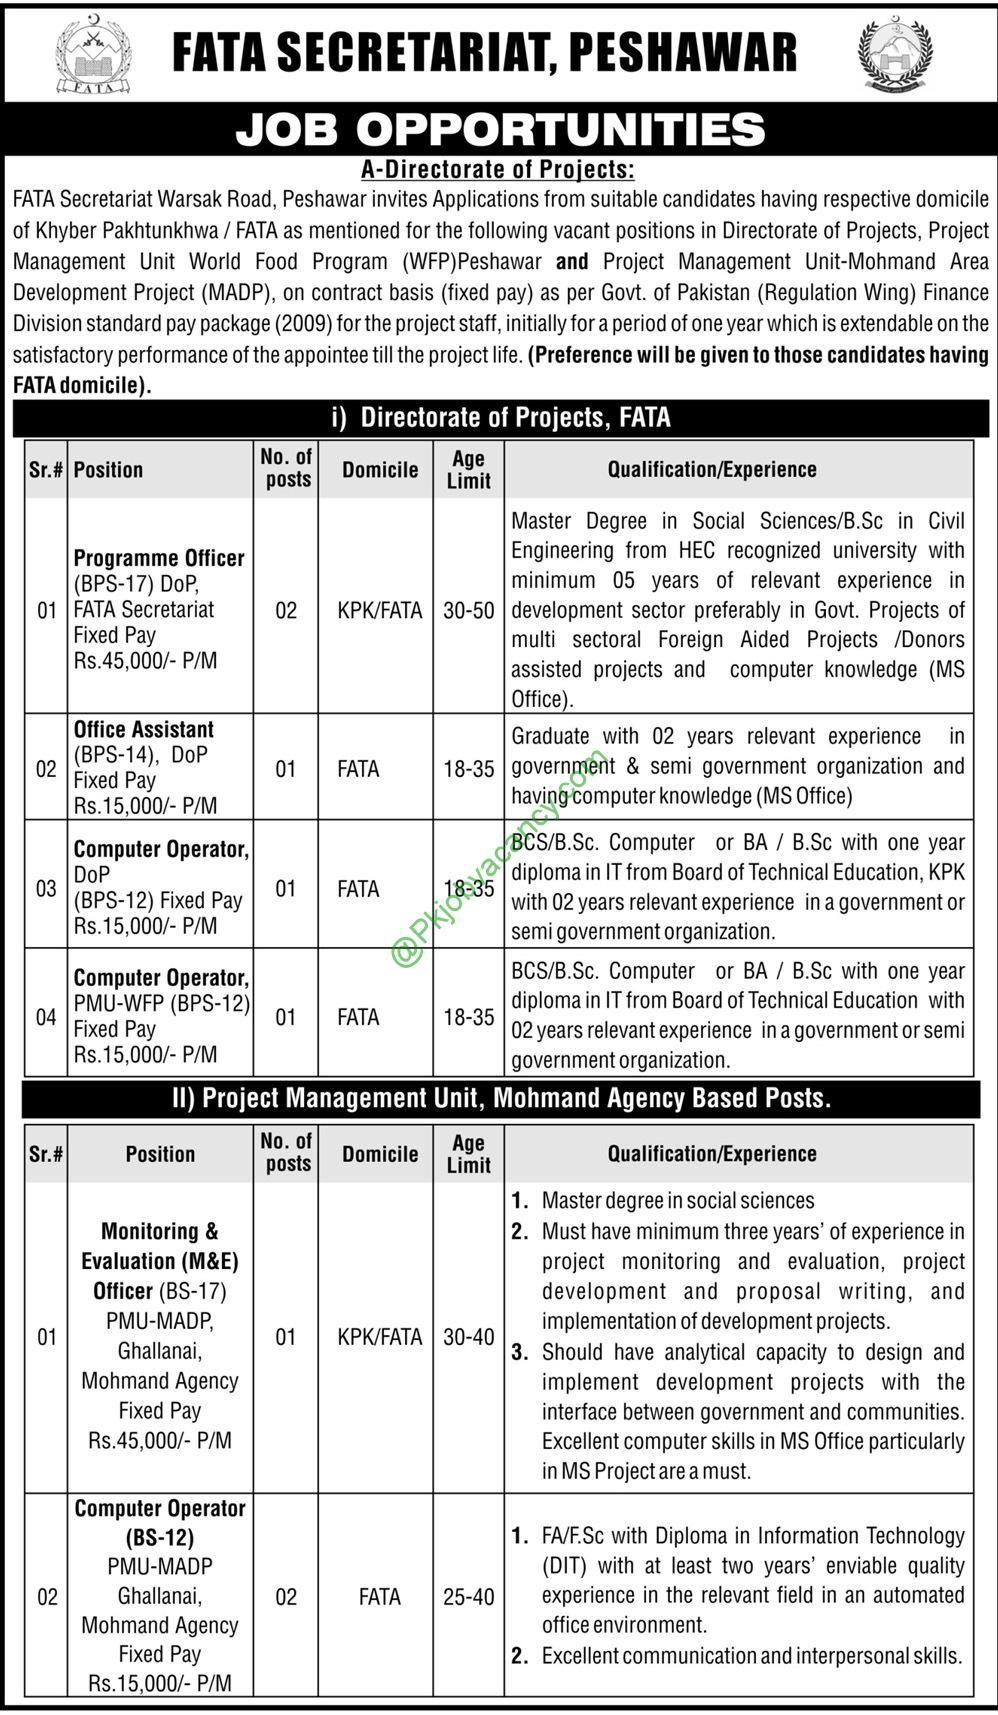 Fata secretariat peshawar jobs 2017 nts application form download fata secretariat peshawar jobs 2017 nts application form download falaconquin